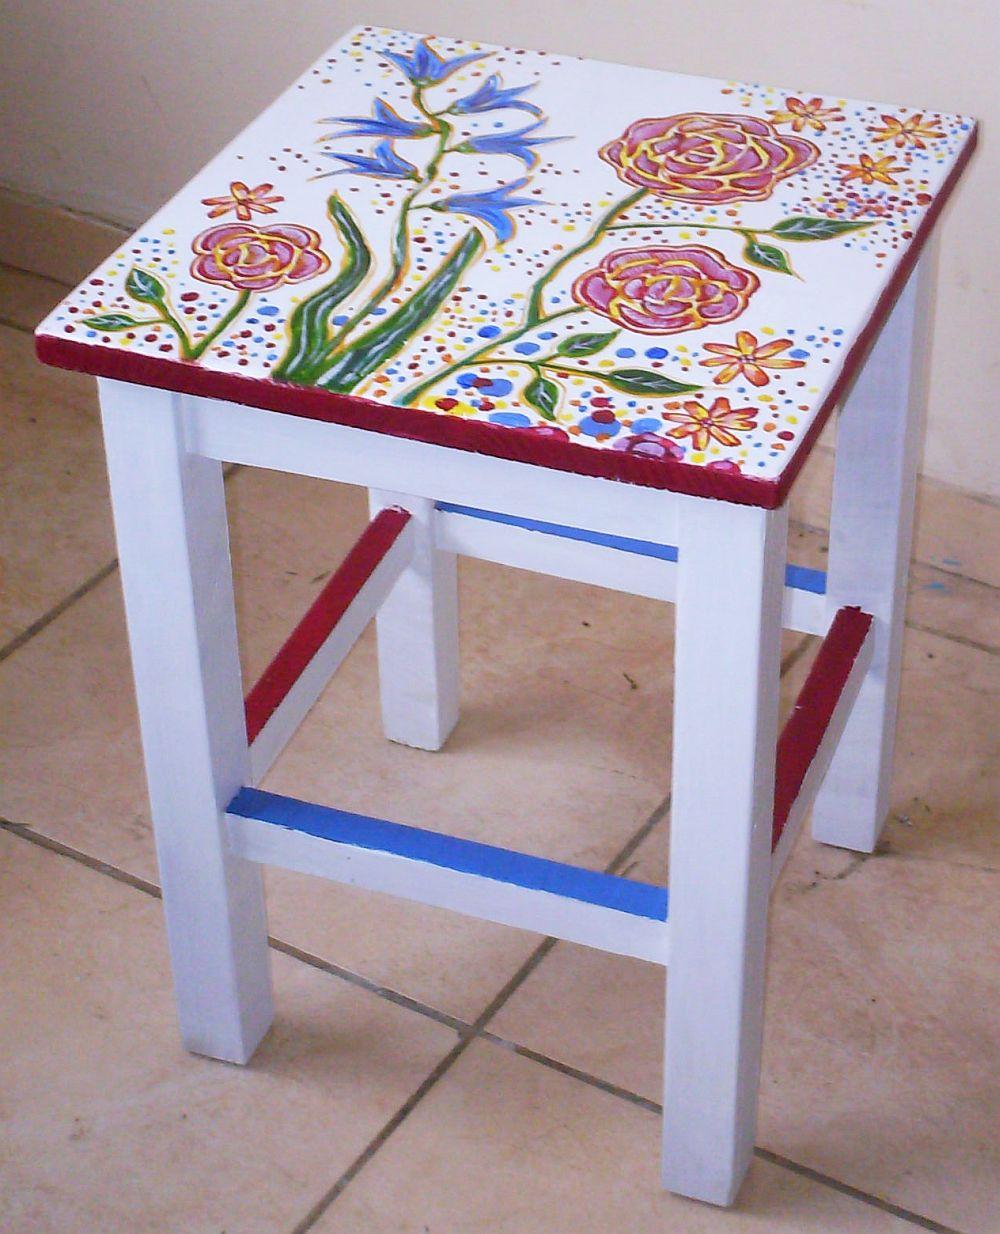 adelaparvu.com despre mobila pictata, cufere, lazi pictate, taburete pictate, artist Agnes Ile (12)